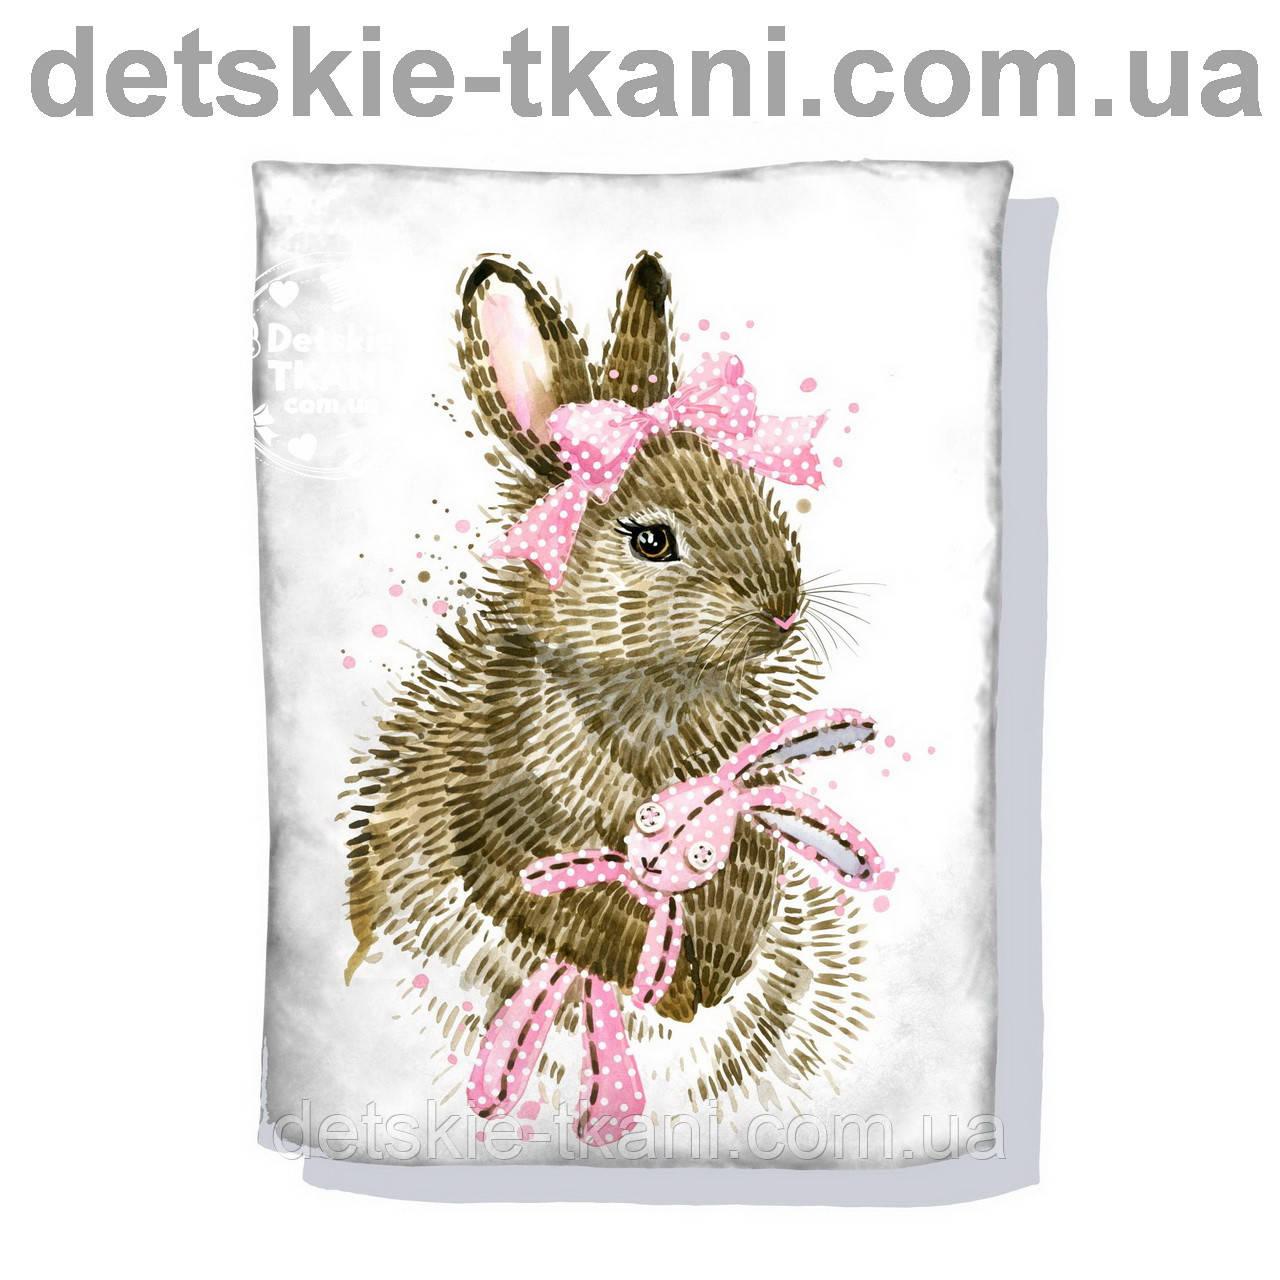 """Панельки из хлопковой ткани """"Серый зайчик с розовым бантом"""", 75*100 см"""